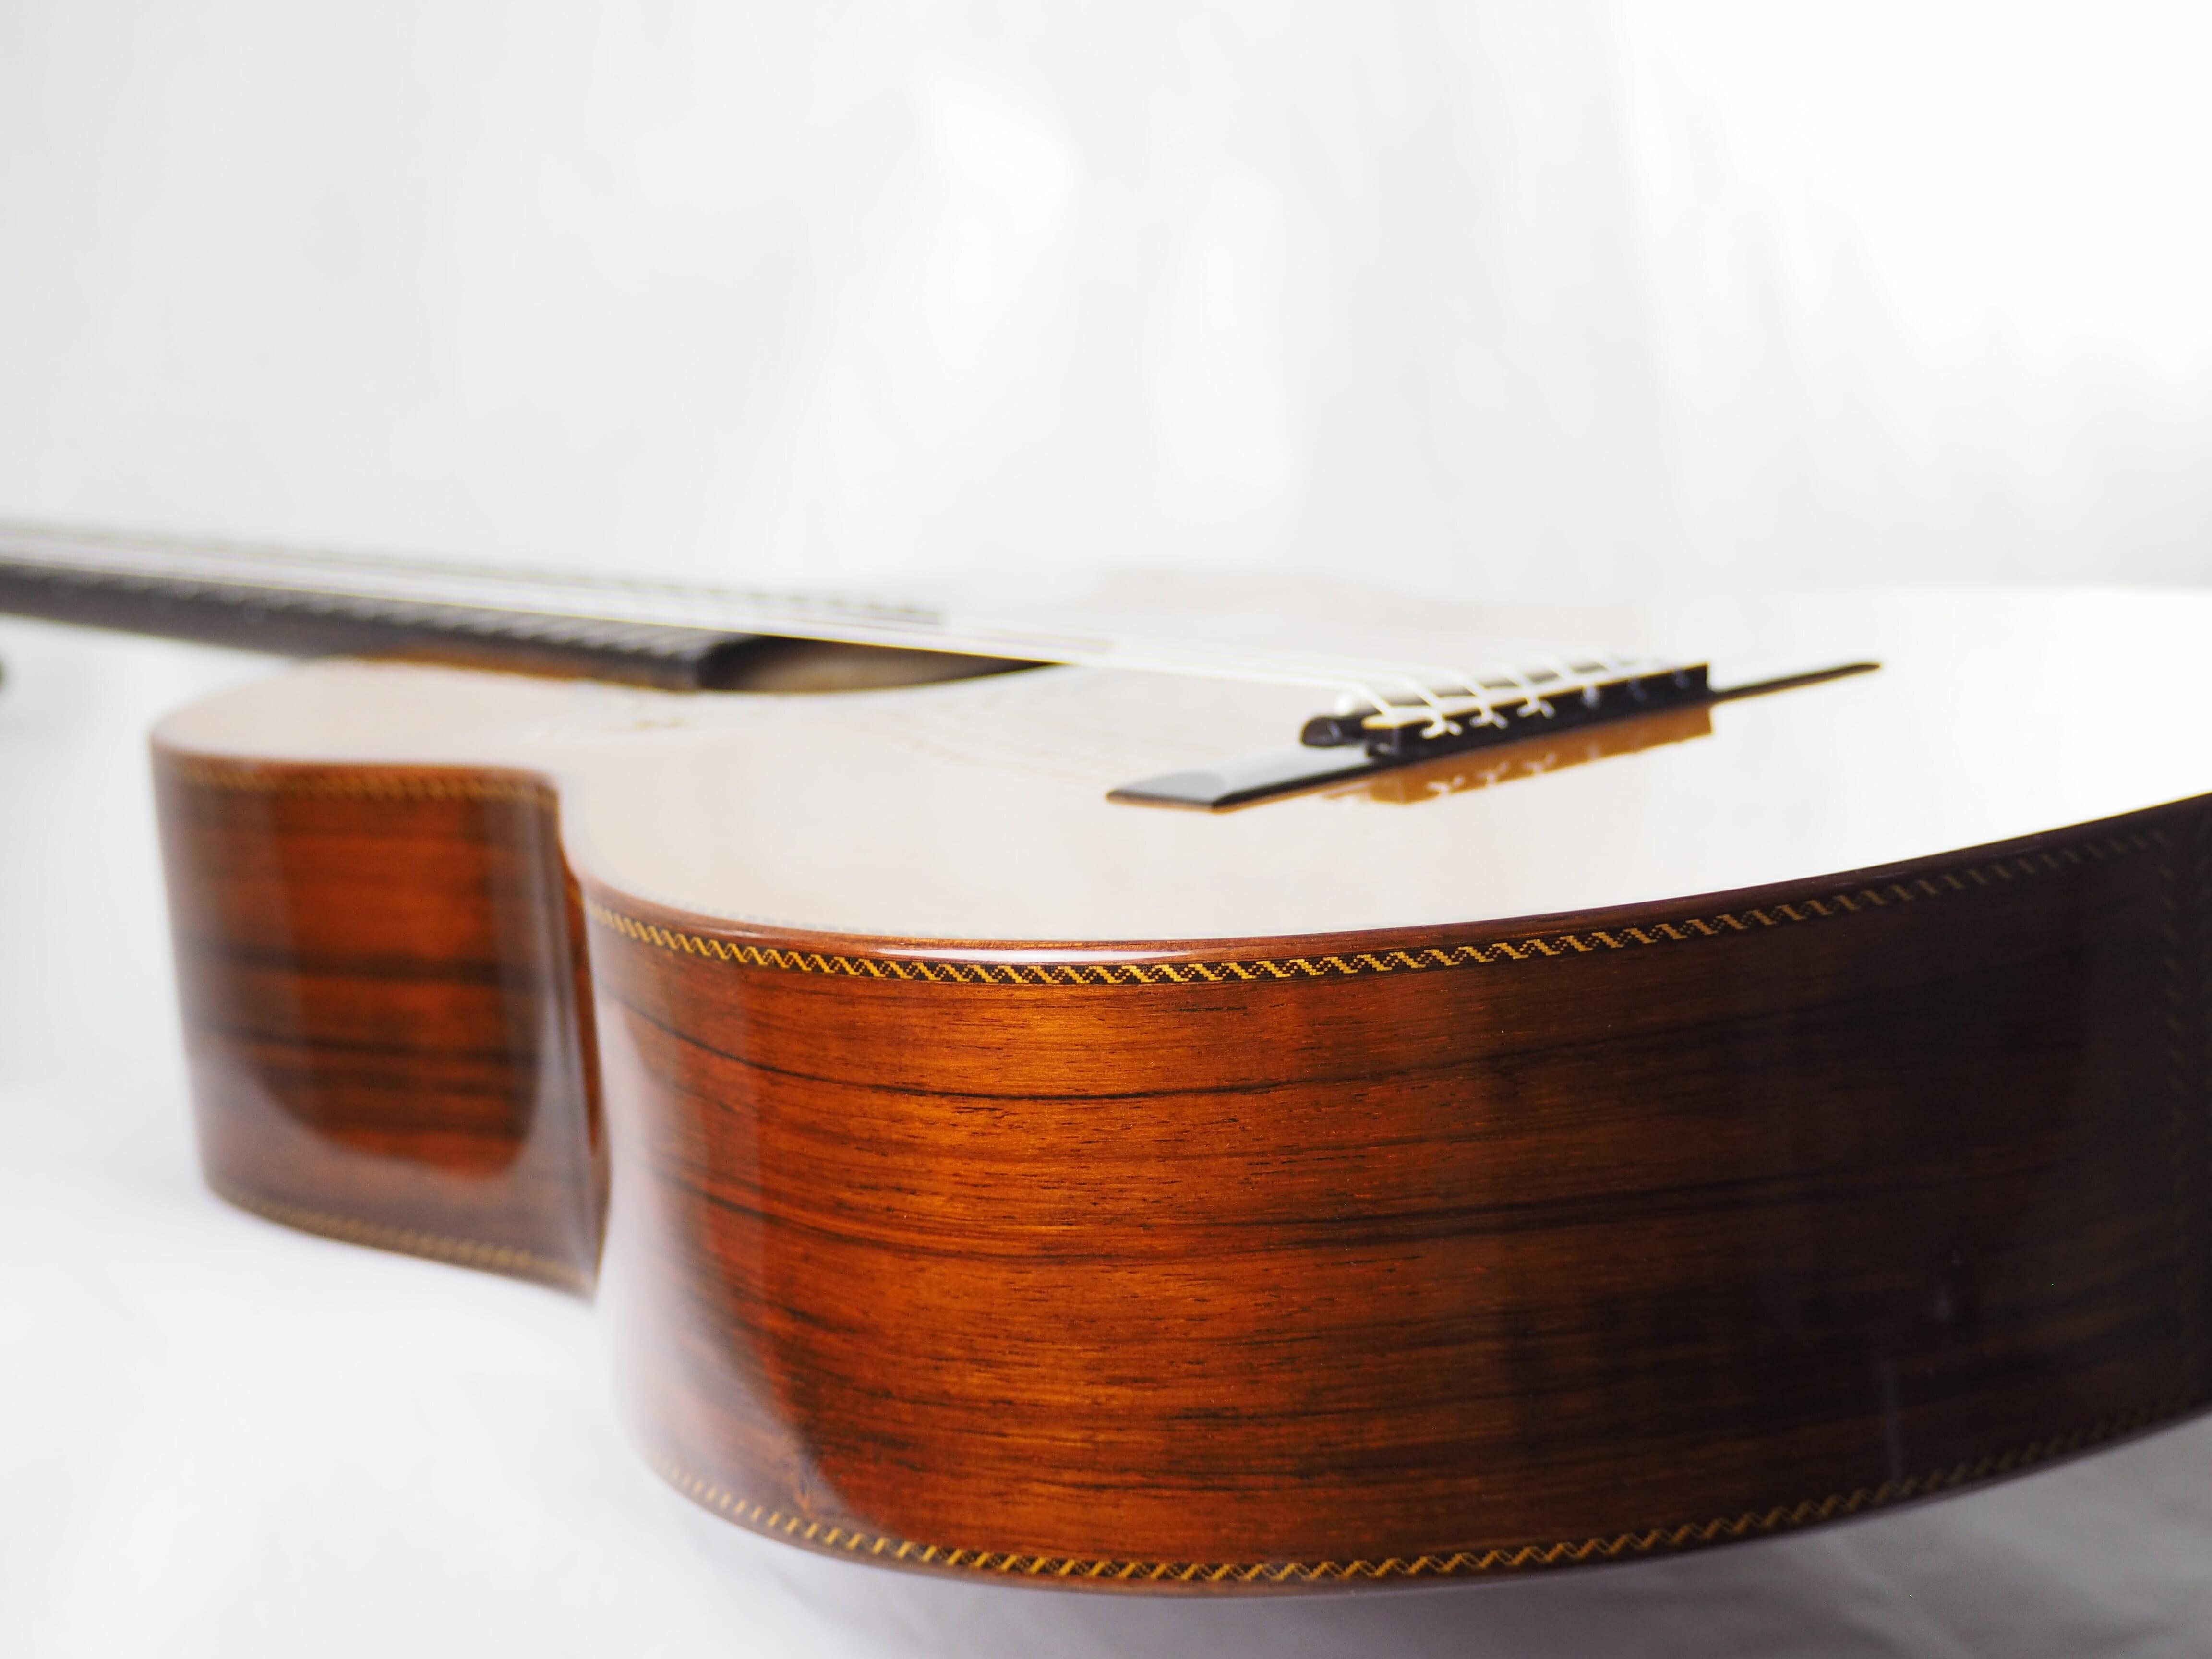 Dieter Hopf Portentosa evolucion 5043 guitare classique luthier